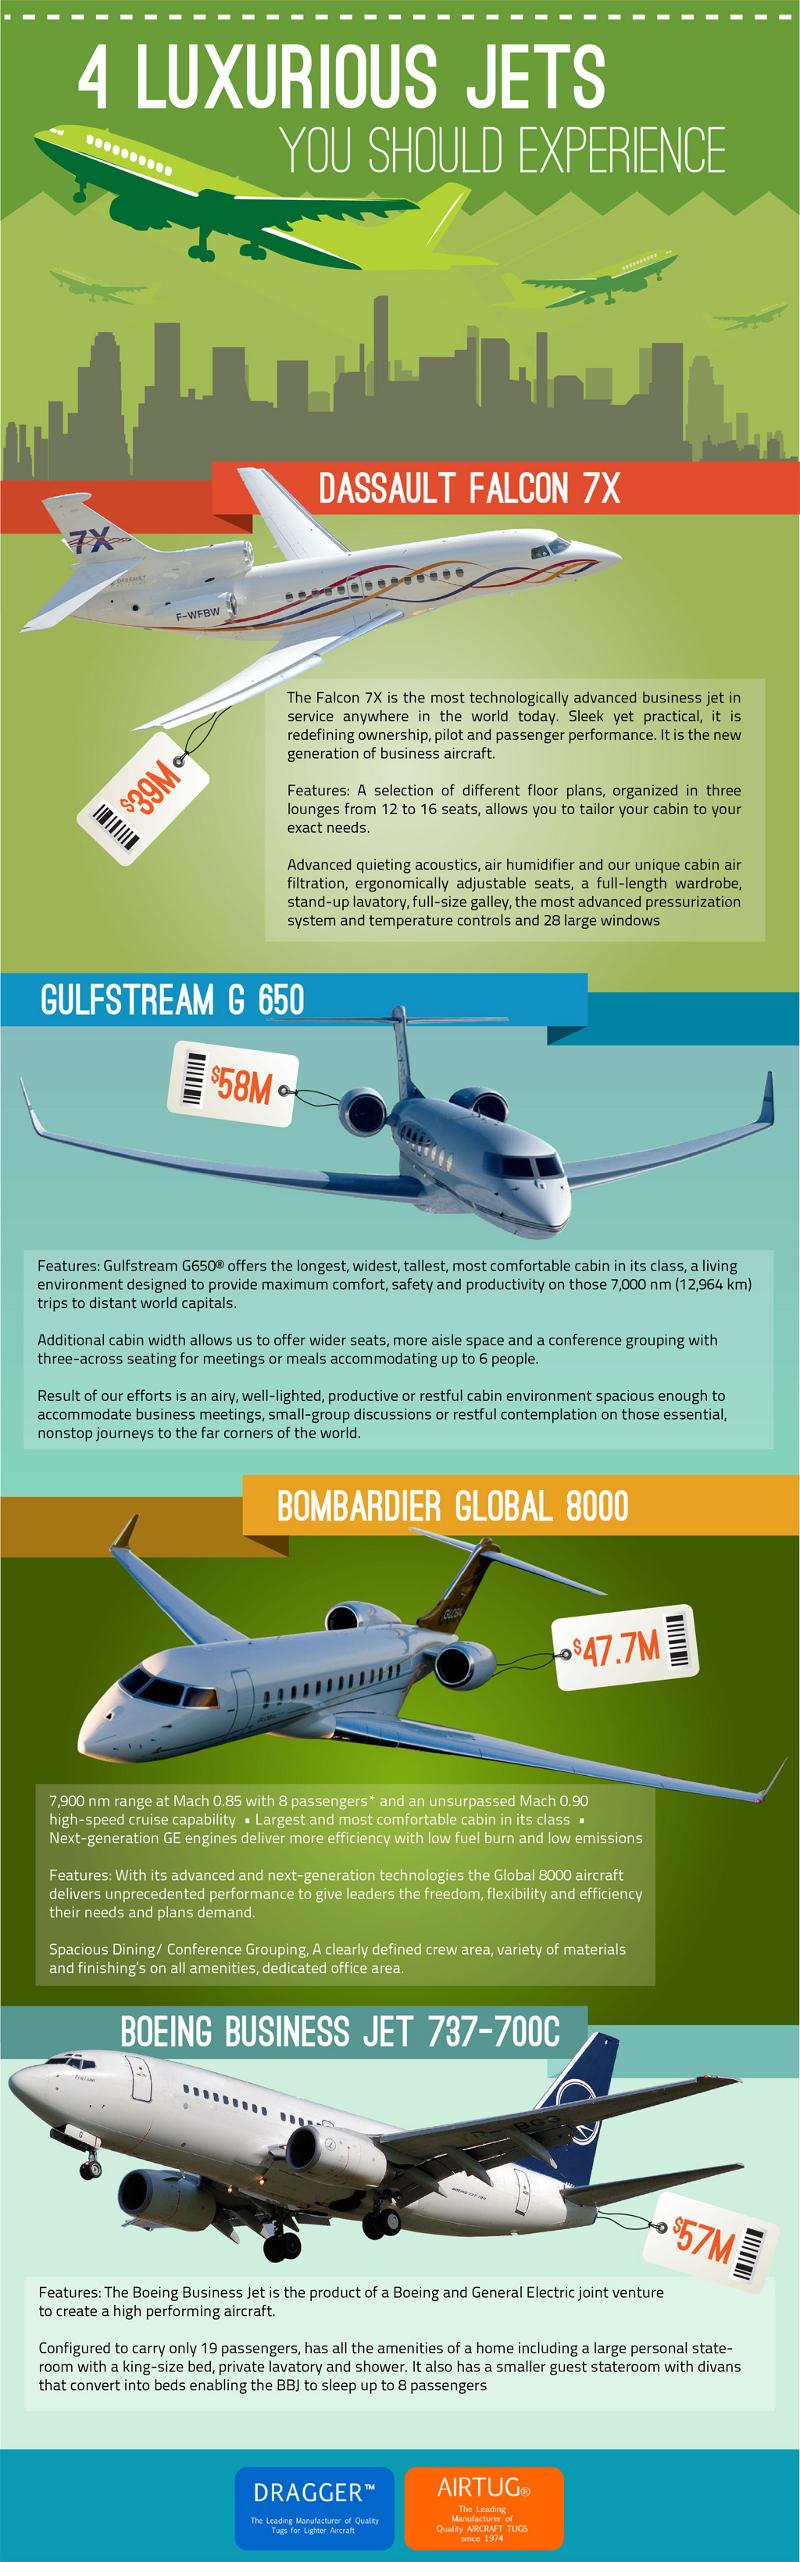 Private-Jet-Cost